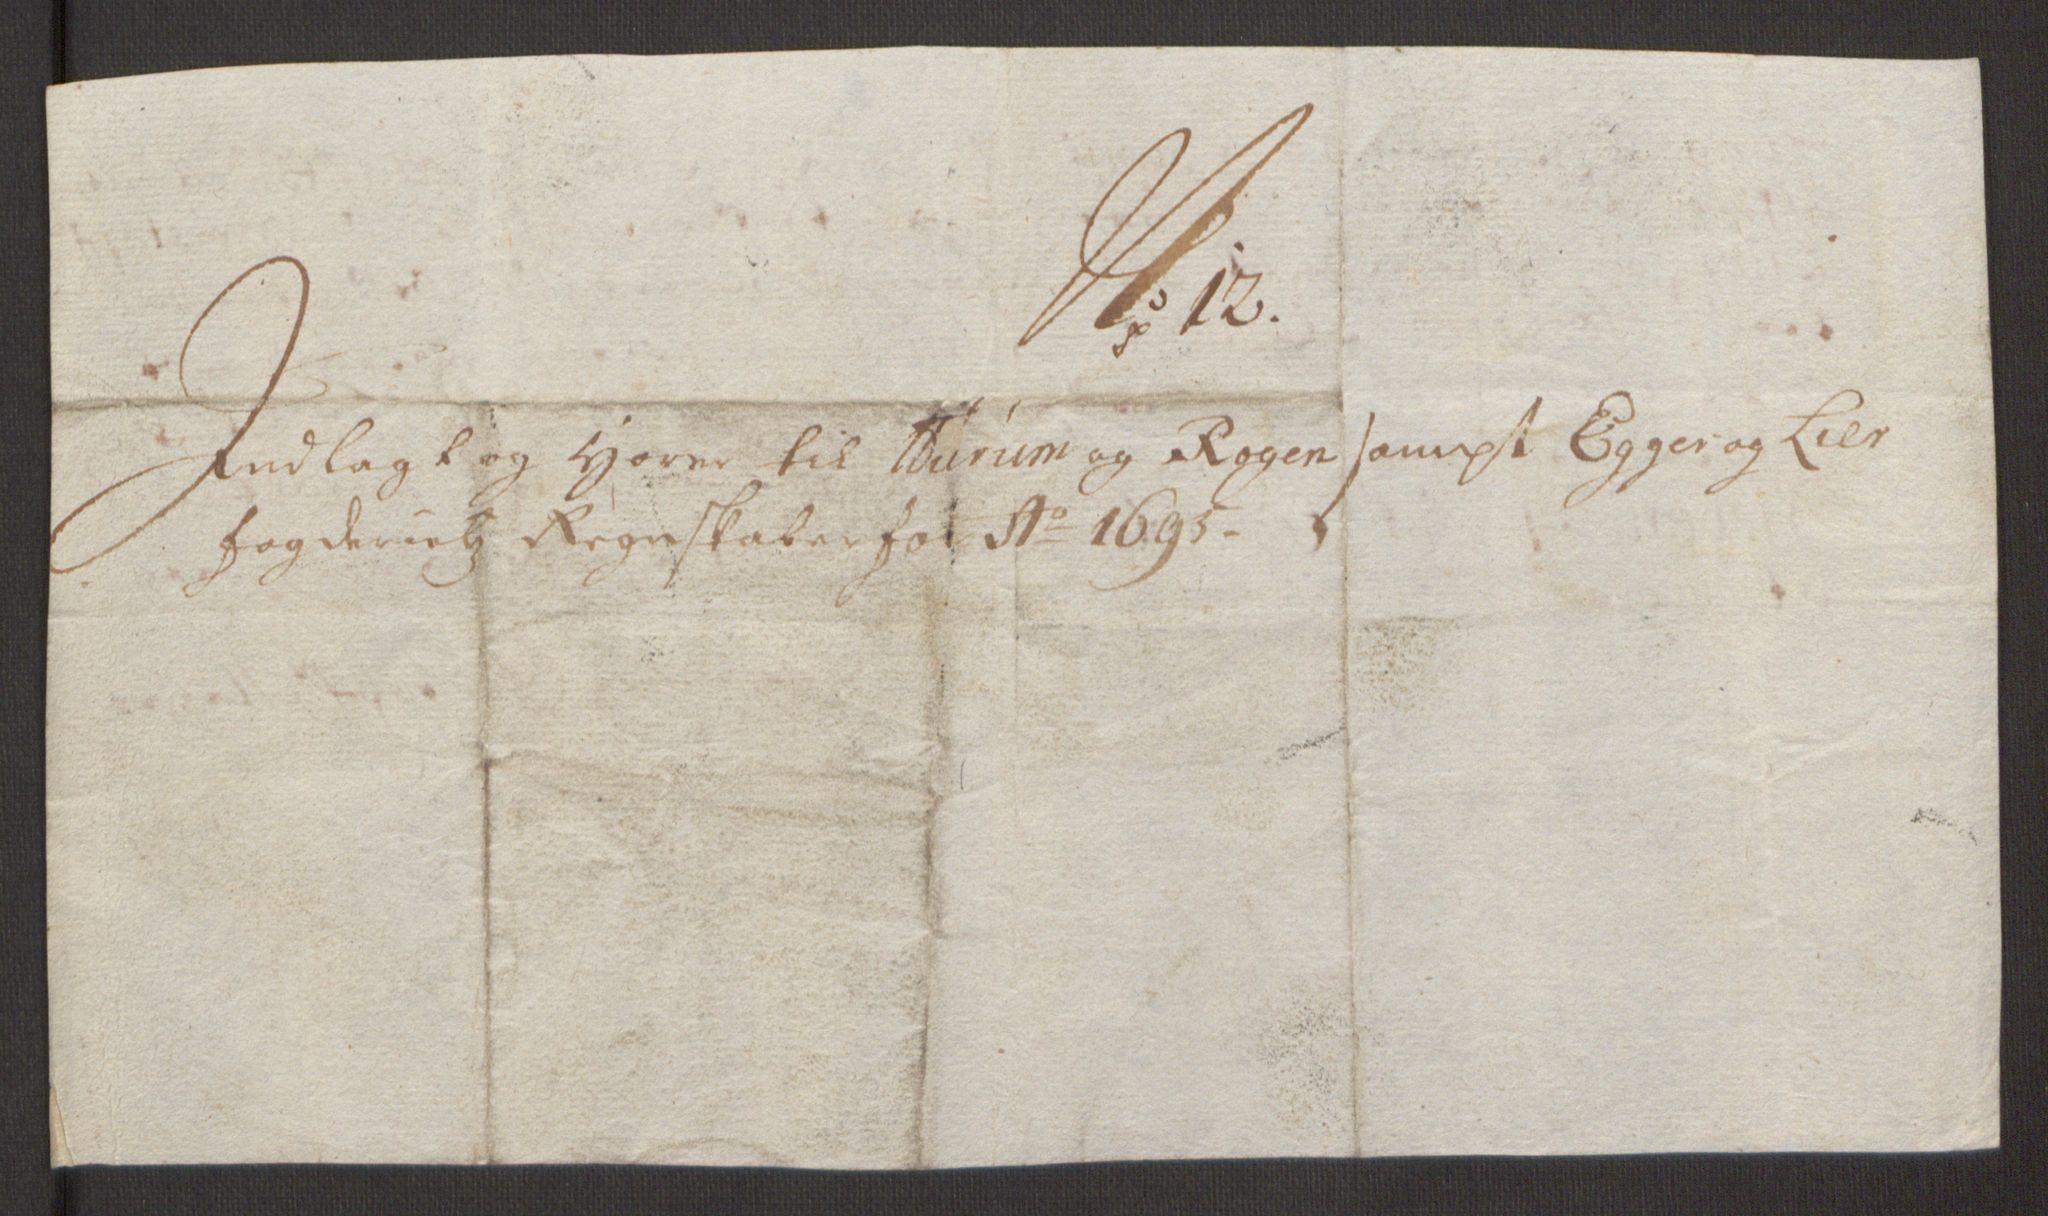 RA, Rentekammeret inntil 1814, Reviderte regnskaper, Fogderegnskap, R30/L1694: Fogderegnskap Hurum, Røyken, Eiker og Lier, 1694-1696, s. 300